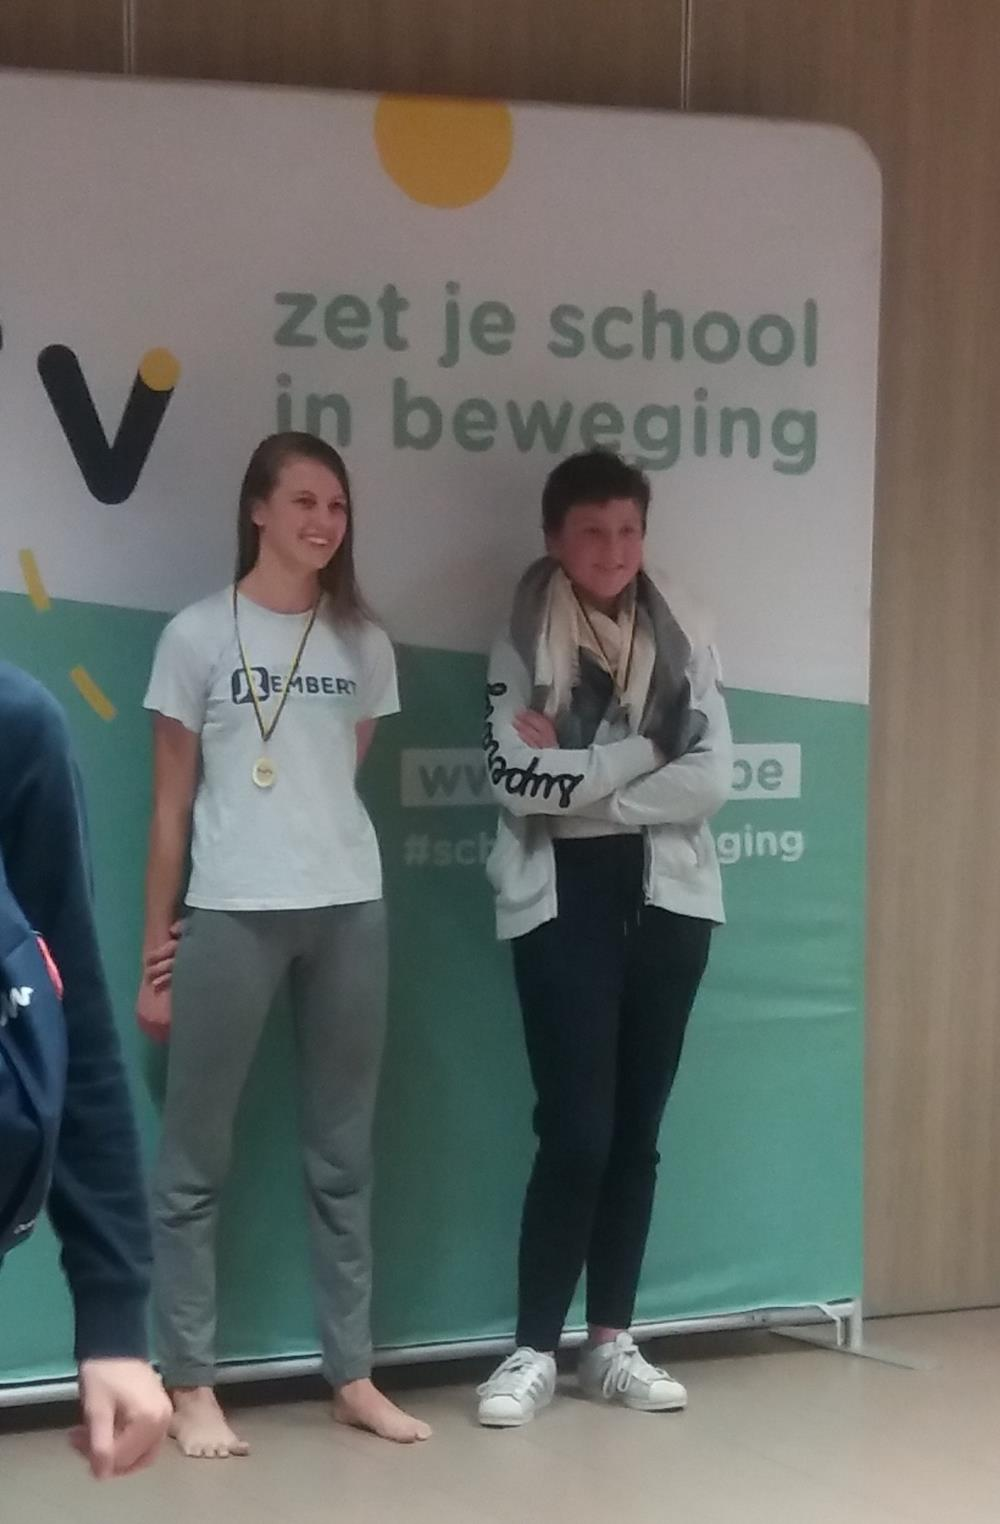 Sien wint zilver op het Vlaams kampioenschap zwemmen